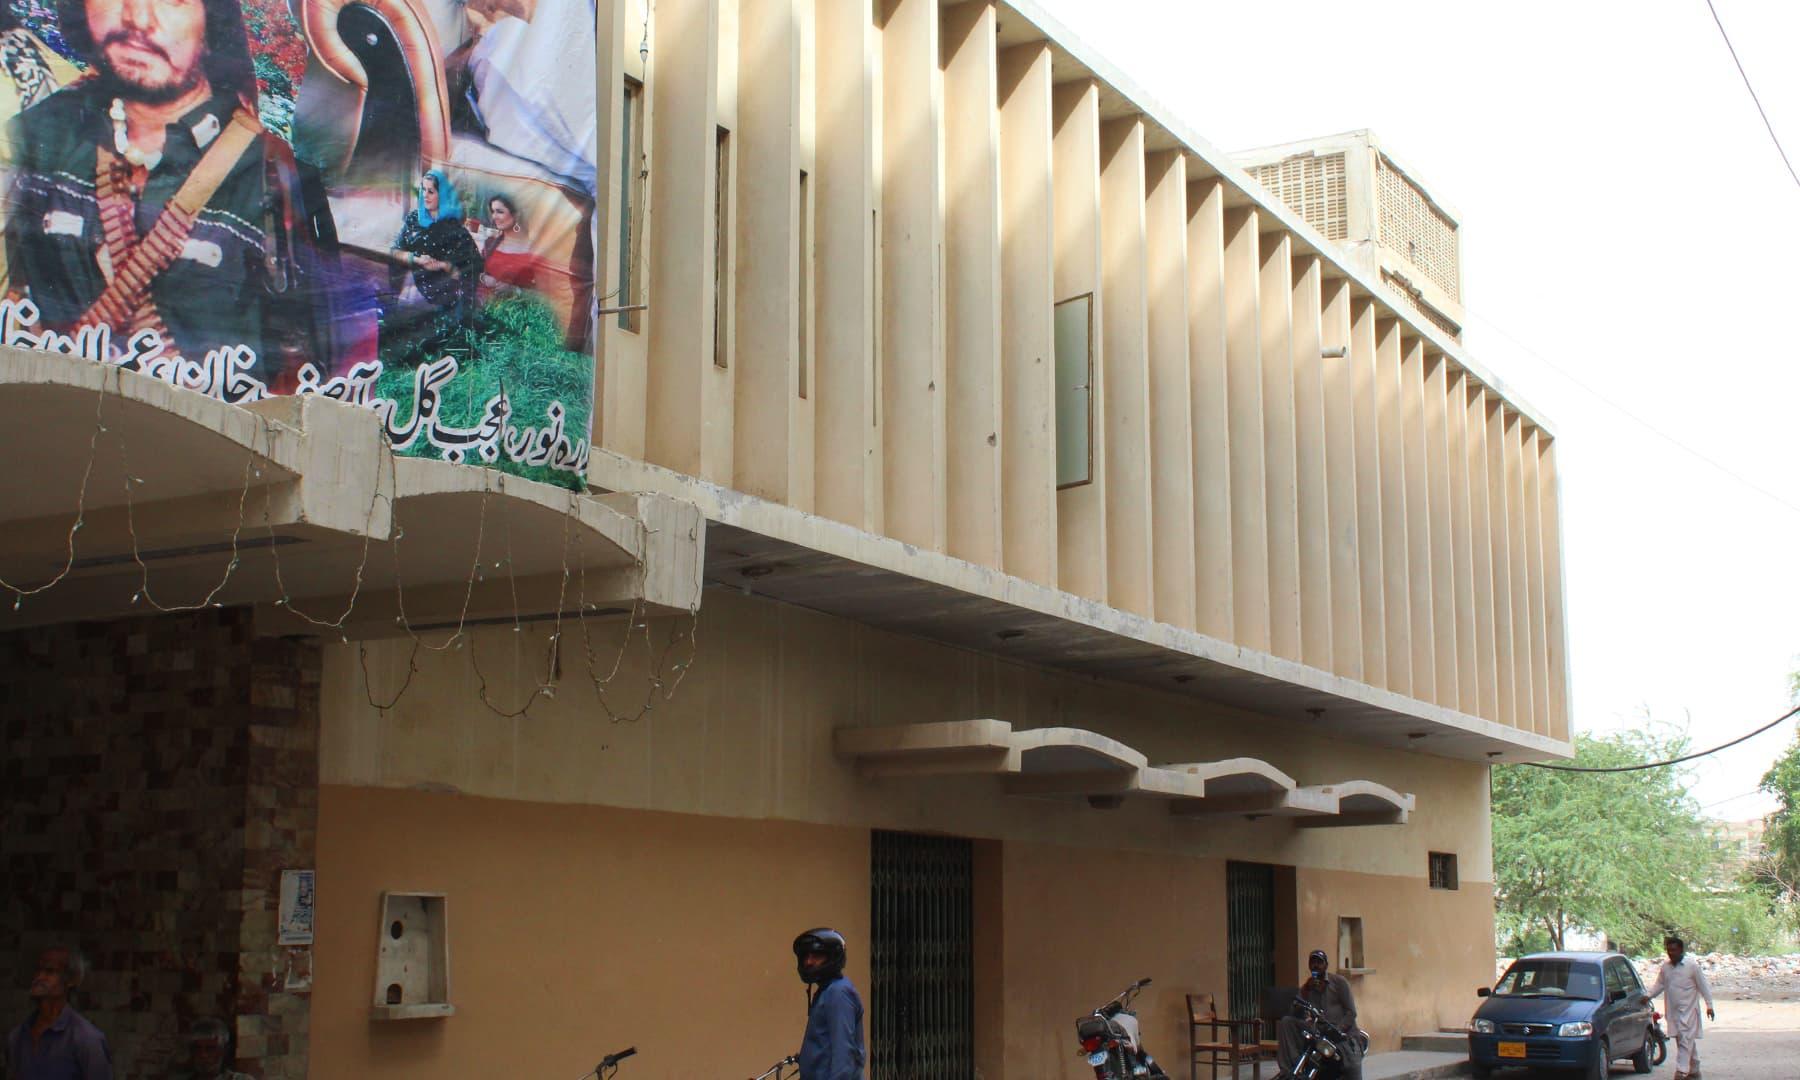 بمبینو حیدرآباد کے ان قدیم سنیما گھروں میں سے ایک ہے جو اپنے زمانے میں عروج کی بلندیوں کو پہنچے—تصویر اختر حفیظ